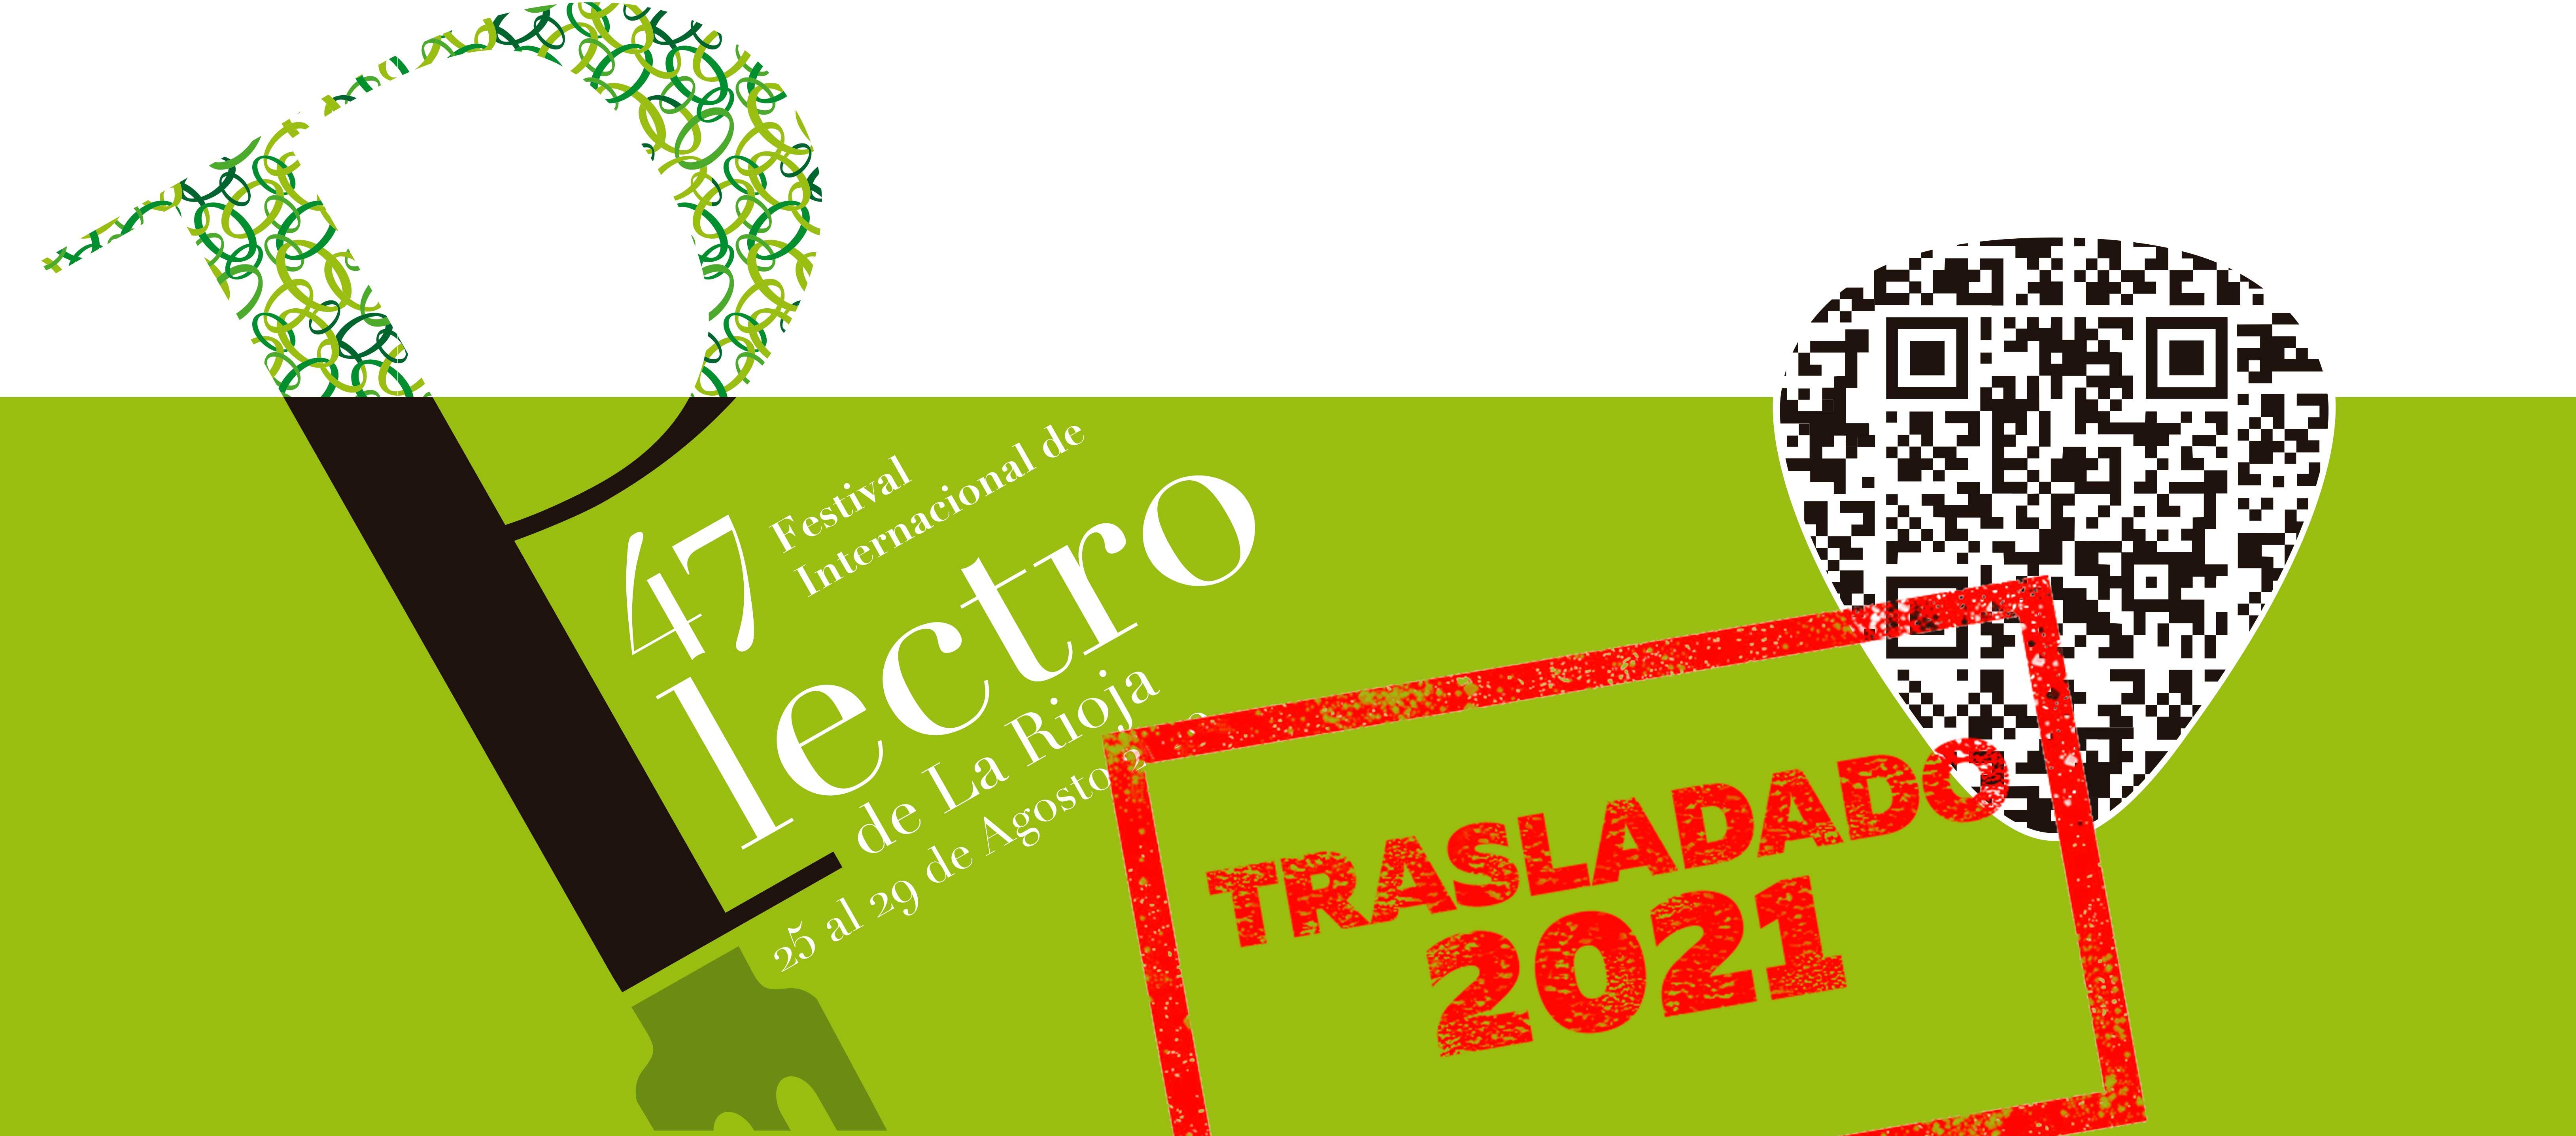 47 Festival Internacional de Plectro de La Rioja 2021